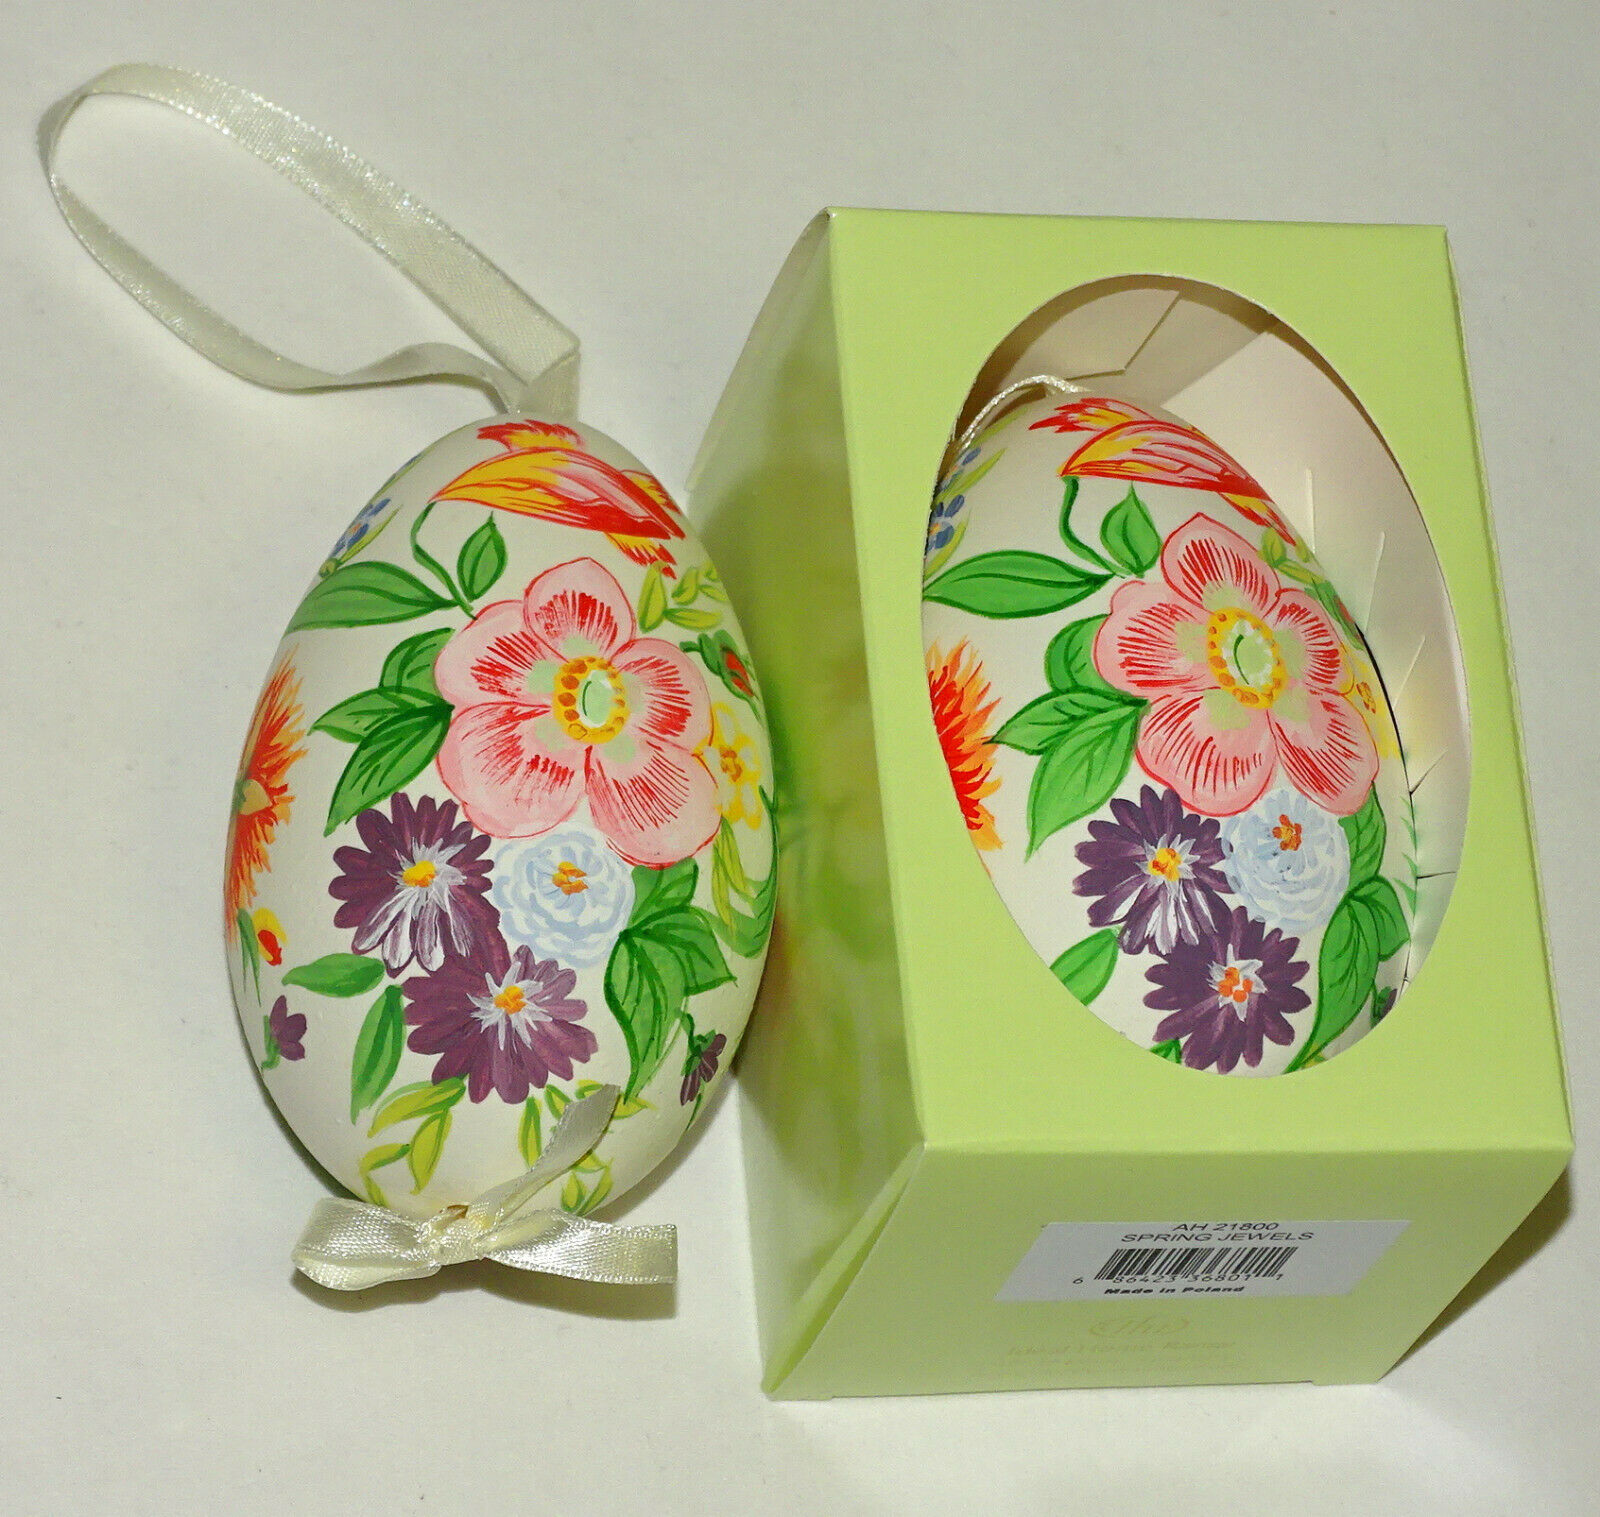 Osterei echte Gänse Eierschale handbemalt ca. 9 cm Ostern Ei Anhänger Dekoeier - SPRING JEWELS 218